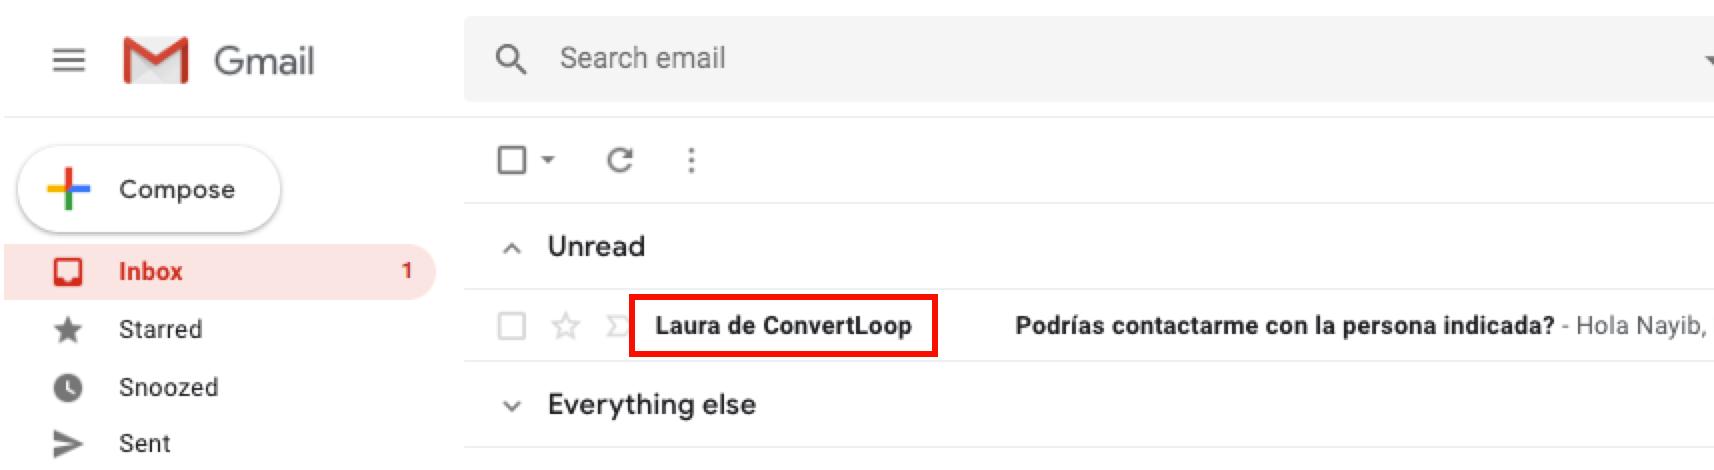 convertloop email productivity sales automation personalizar nombre de remitente del email